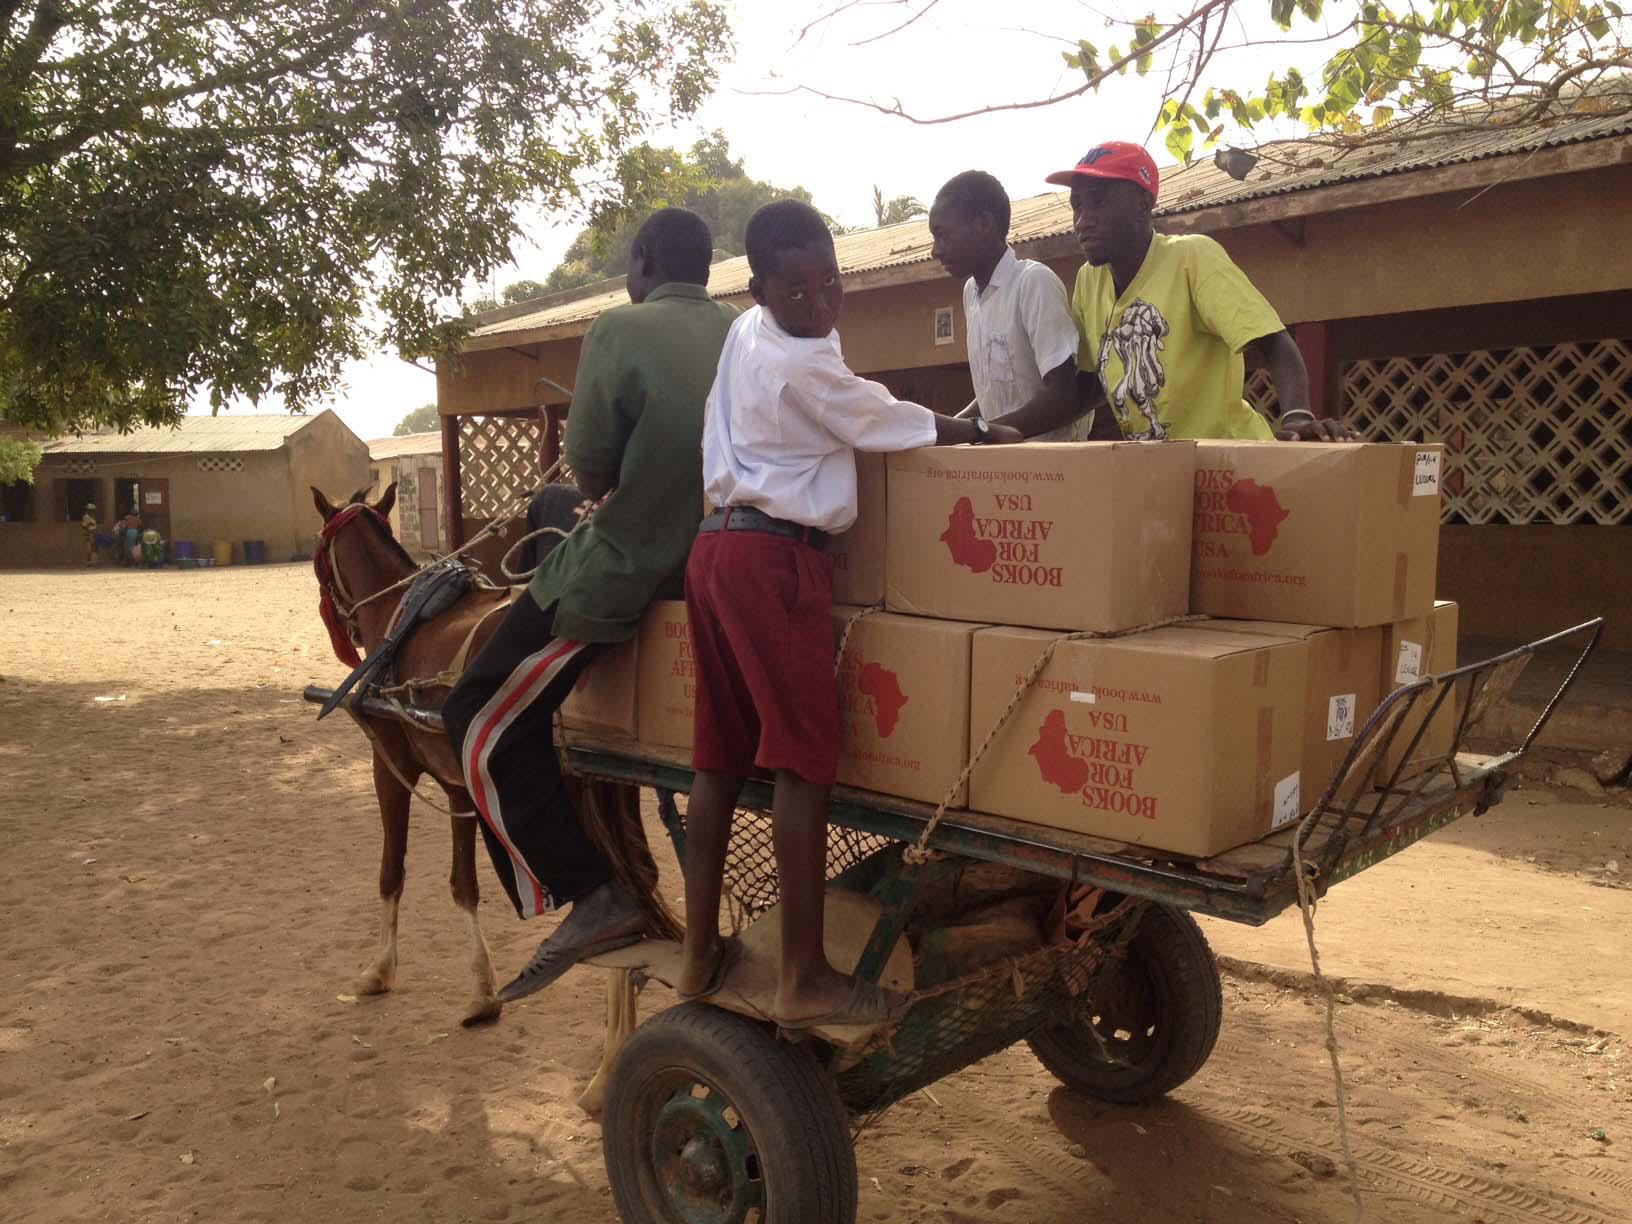 2012-10-29-GambiaCartphoto.jpg